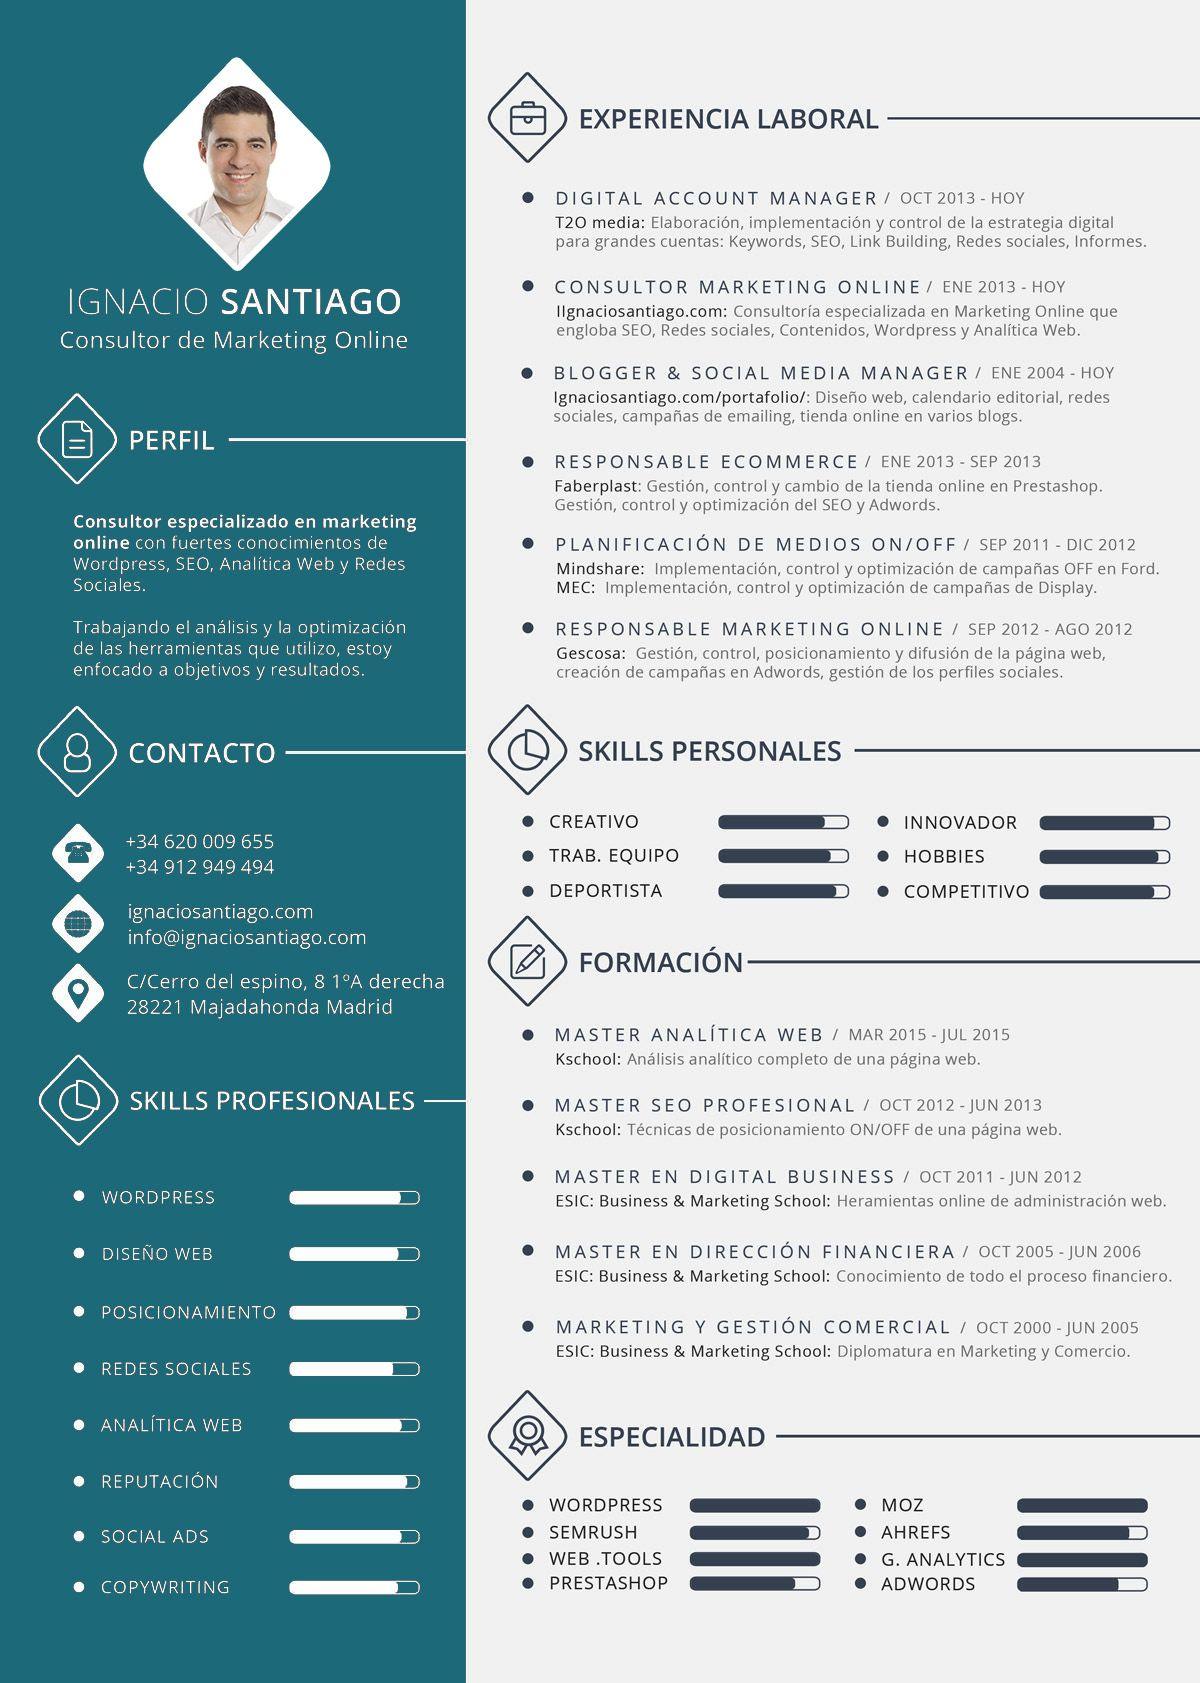 plantilla curriculum vitae cv ignacio santiago … | Office Board | Pinte…